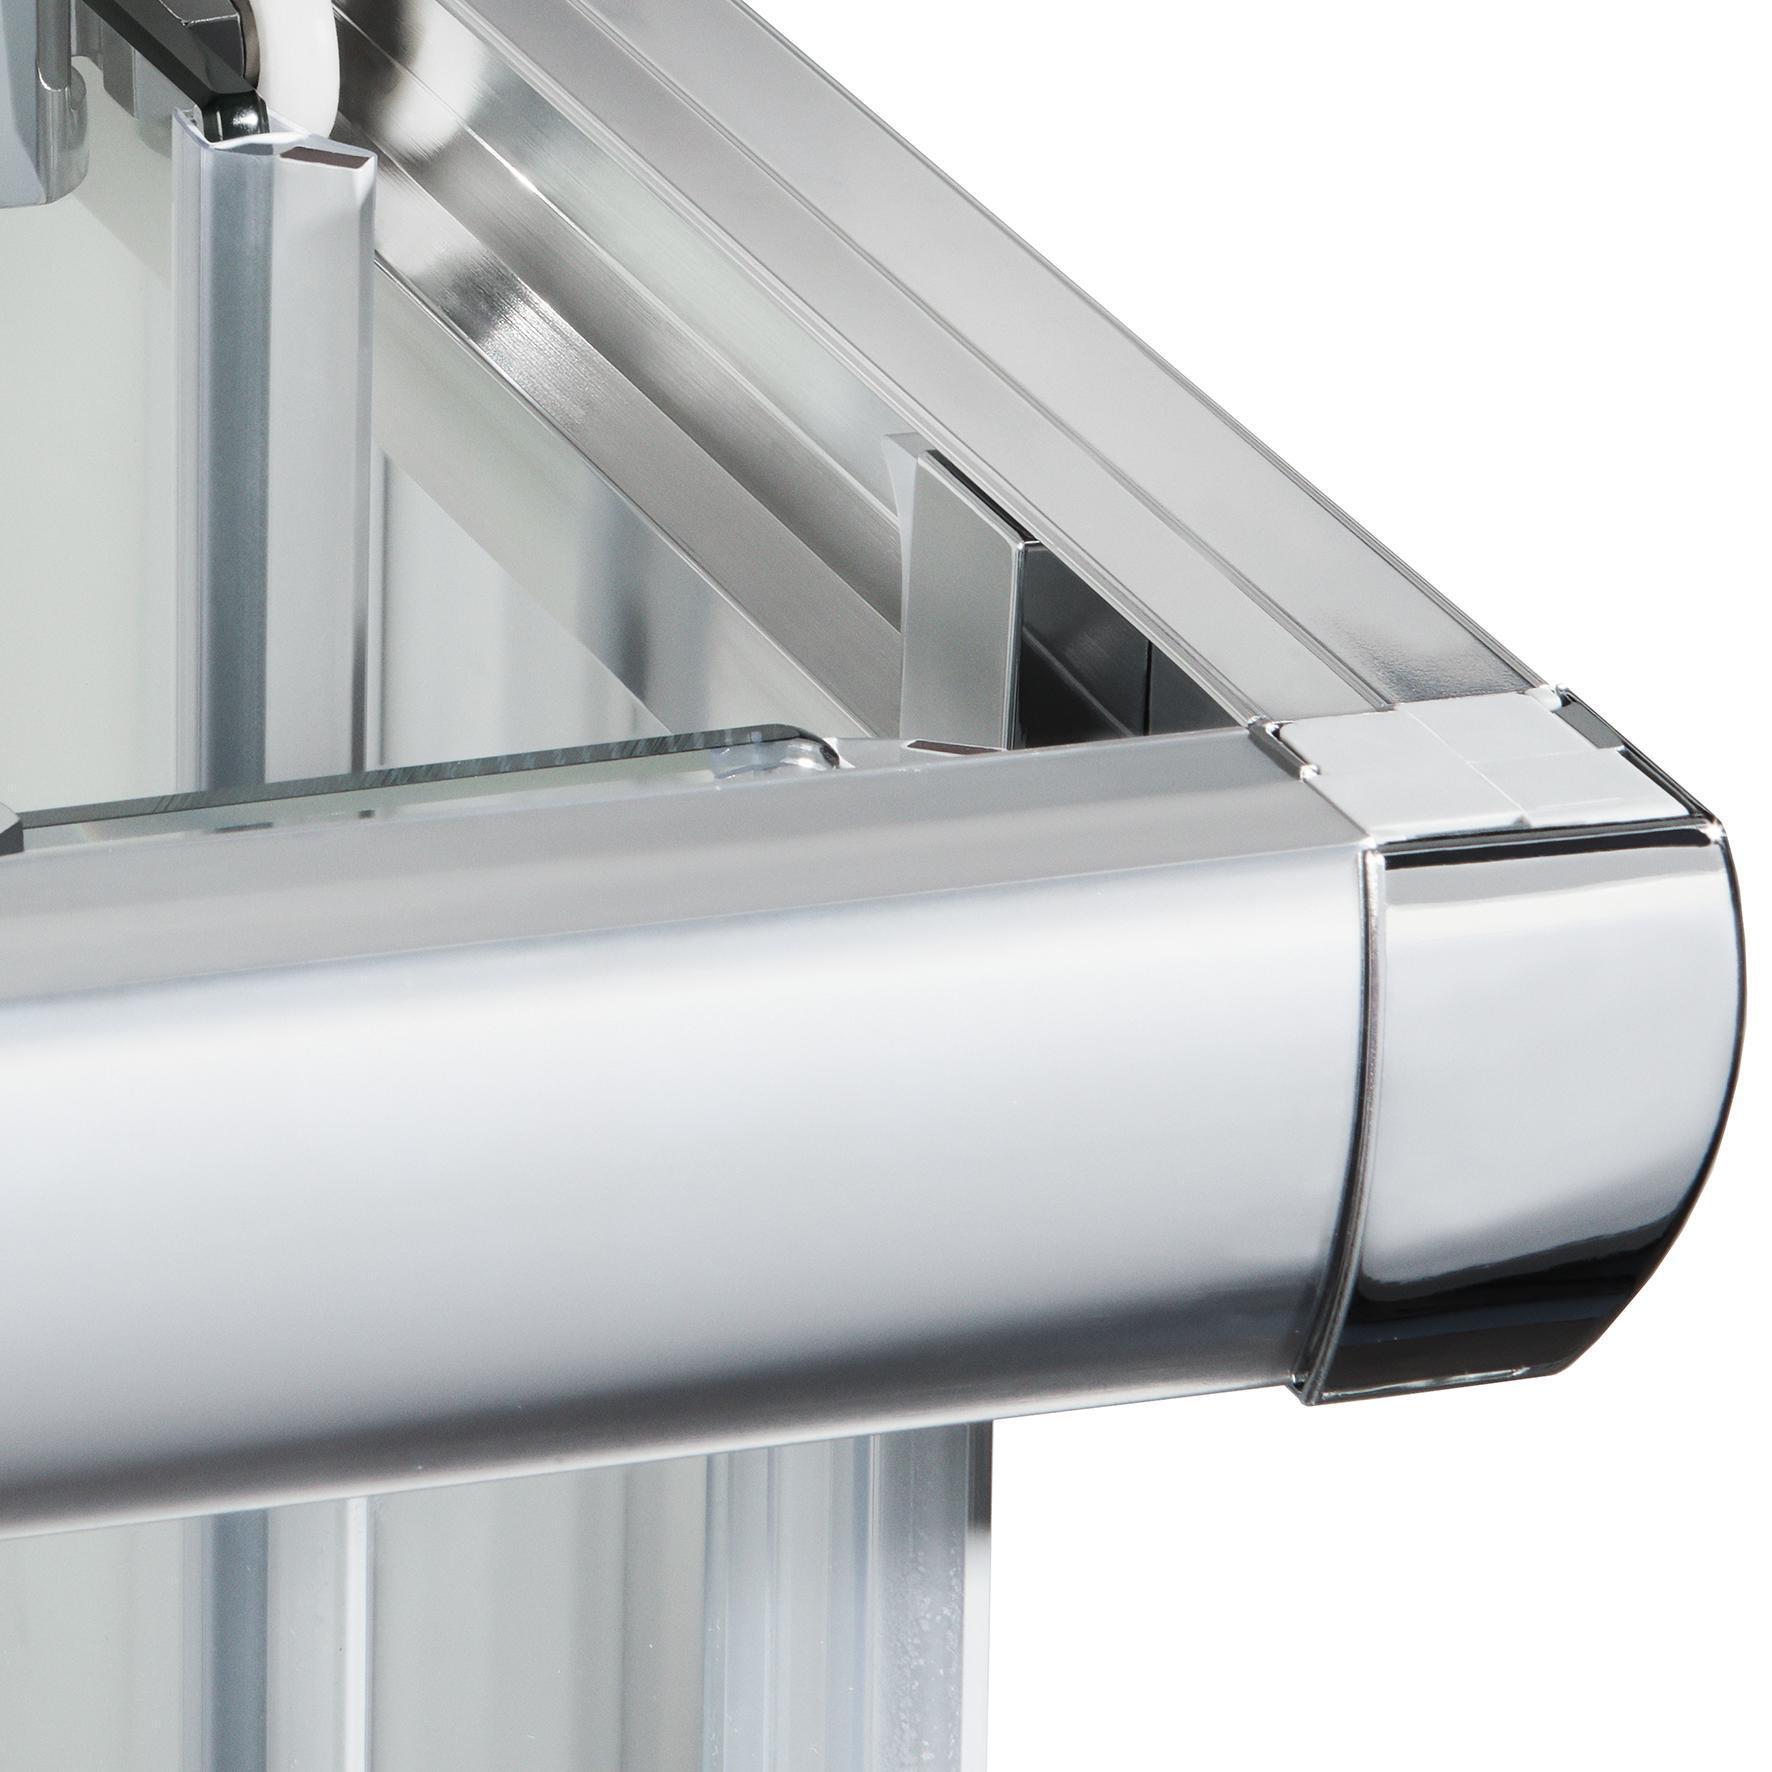 Porta doccia scorrevole Quad 120 cm, H 190 cm in vetro, spessore 6 mm serigrafato cromato - 2